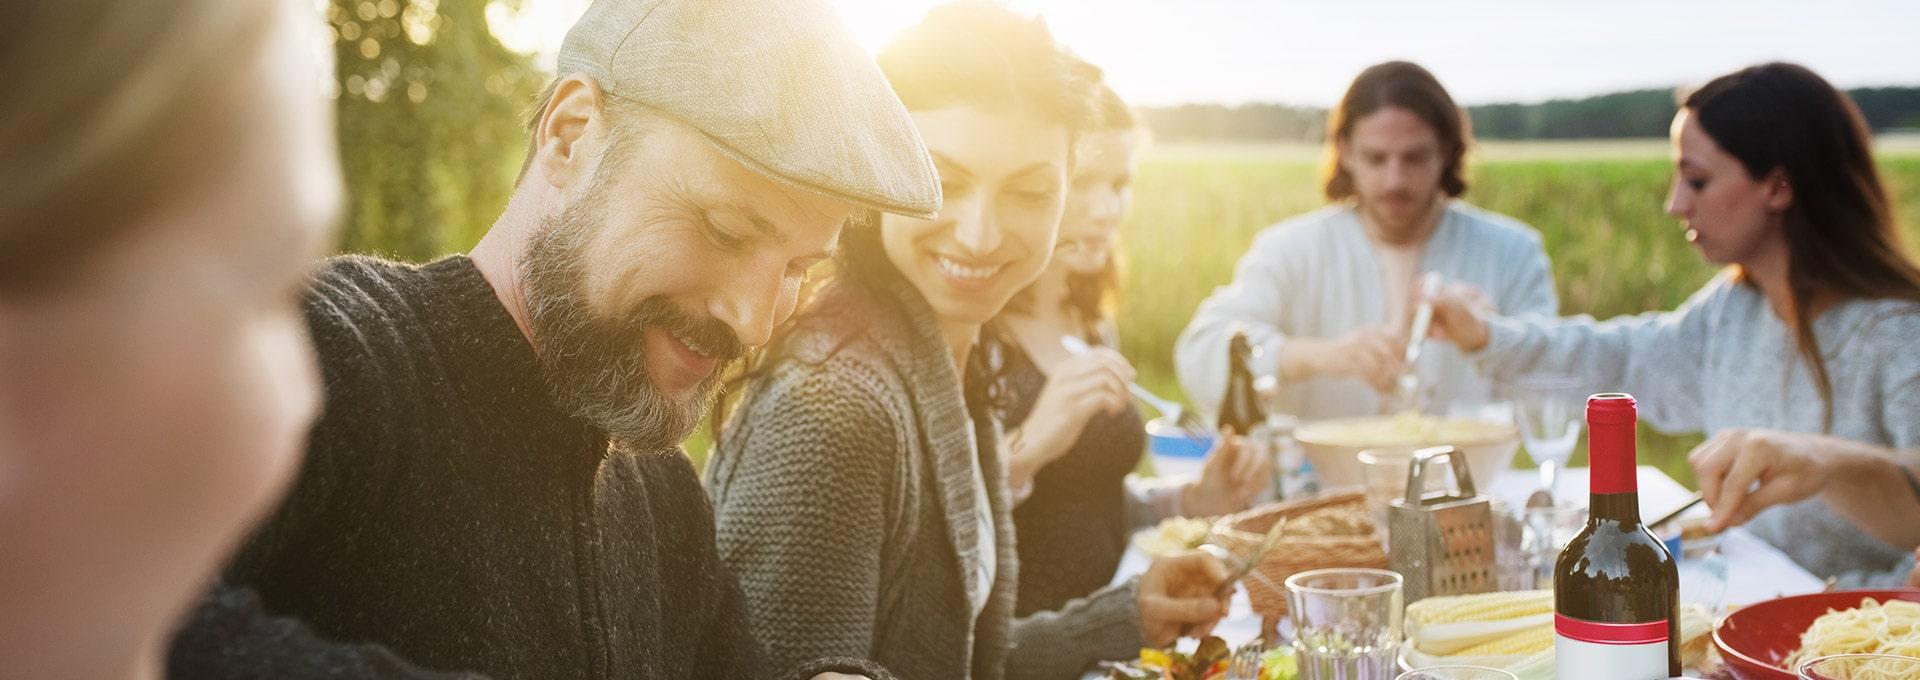 """Duża grupa znajomych na pikniku, siedząca przy stole - """"trudna"""" sytuacja akustyczna."""